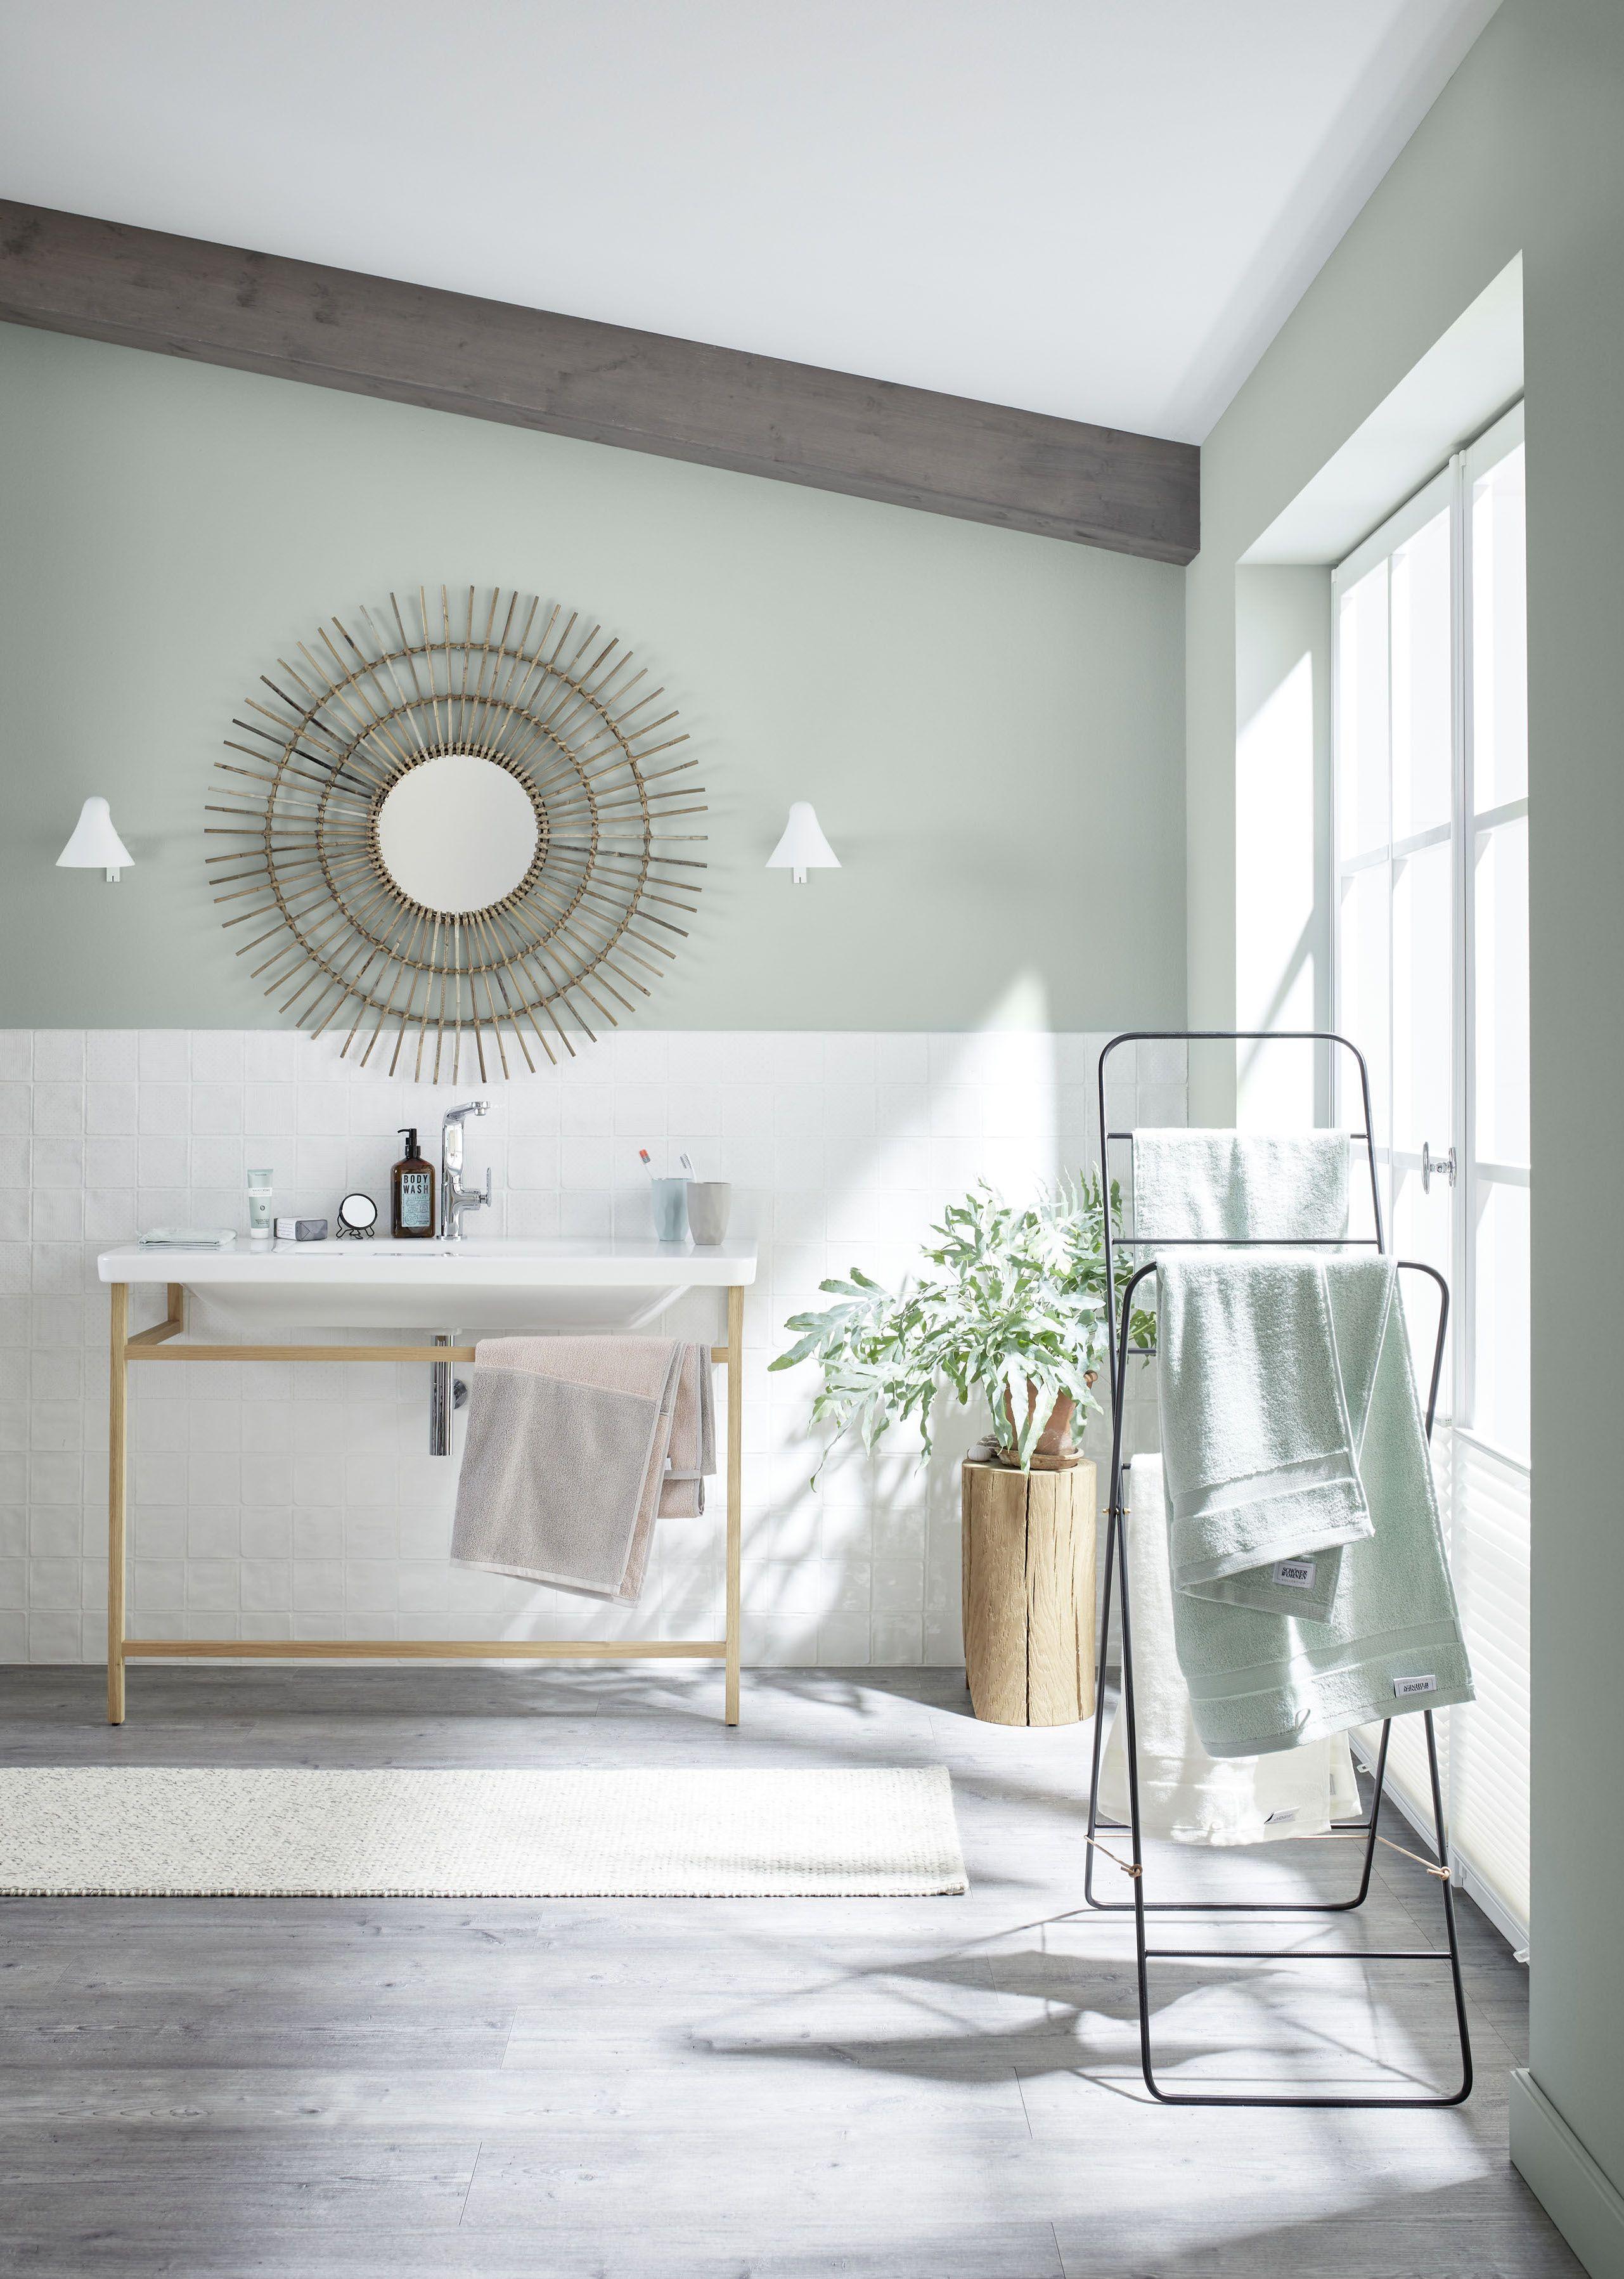 Wandfarbe Grun Salbeigrun Designfarbe Badezimmer Streichen Mit Schoner Wohnen Kollektion In 2020 Schoner Wohnen Wandfarbe Schoner Wohnen Bad Wohnzimmerfarbe